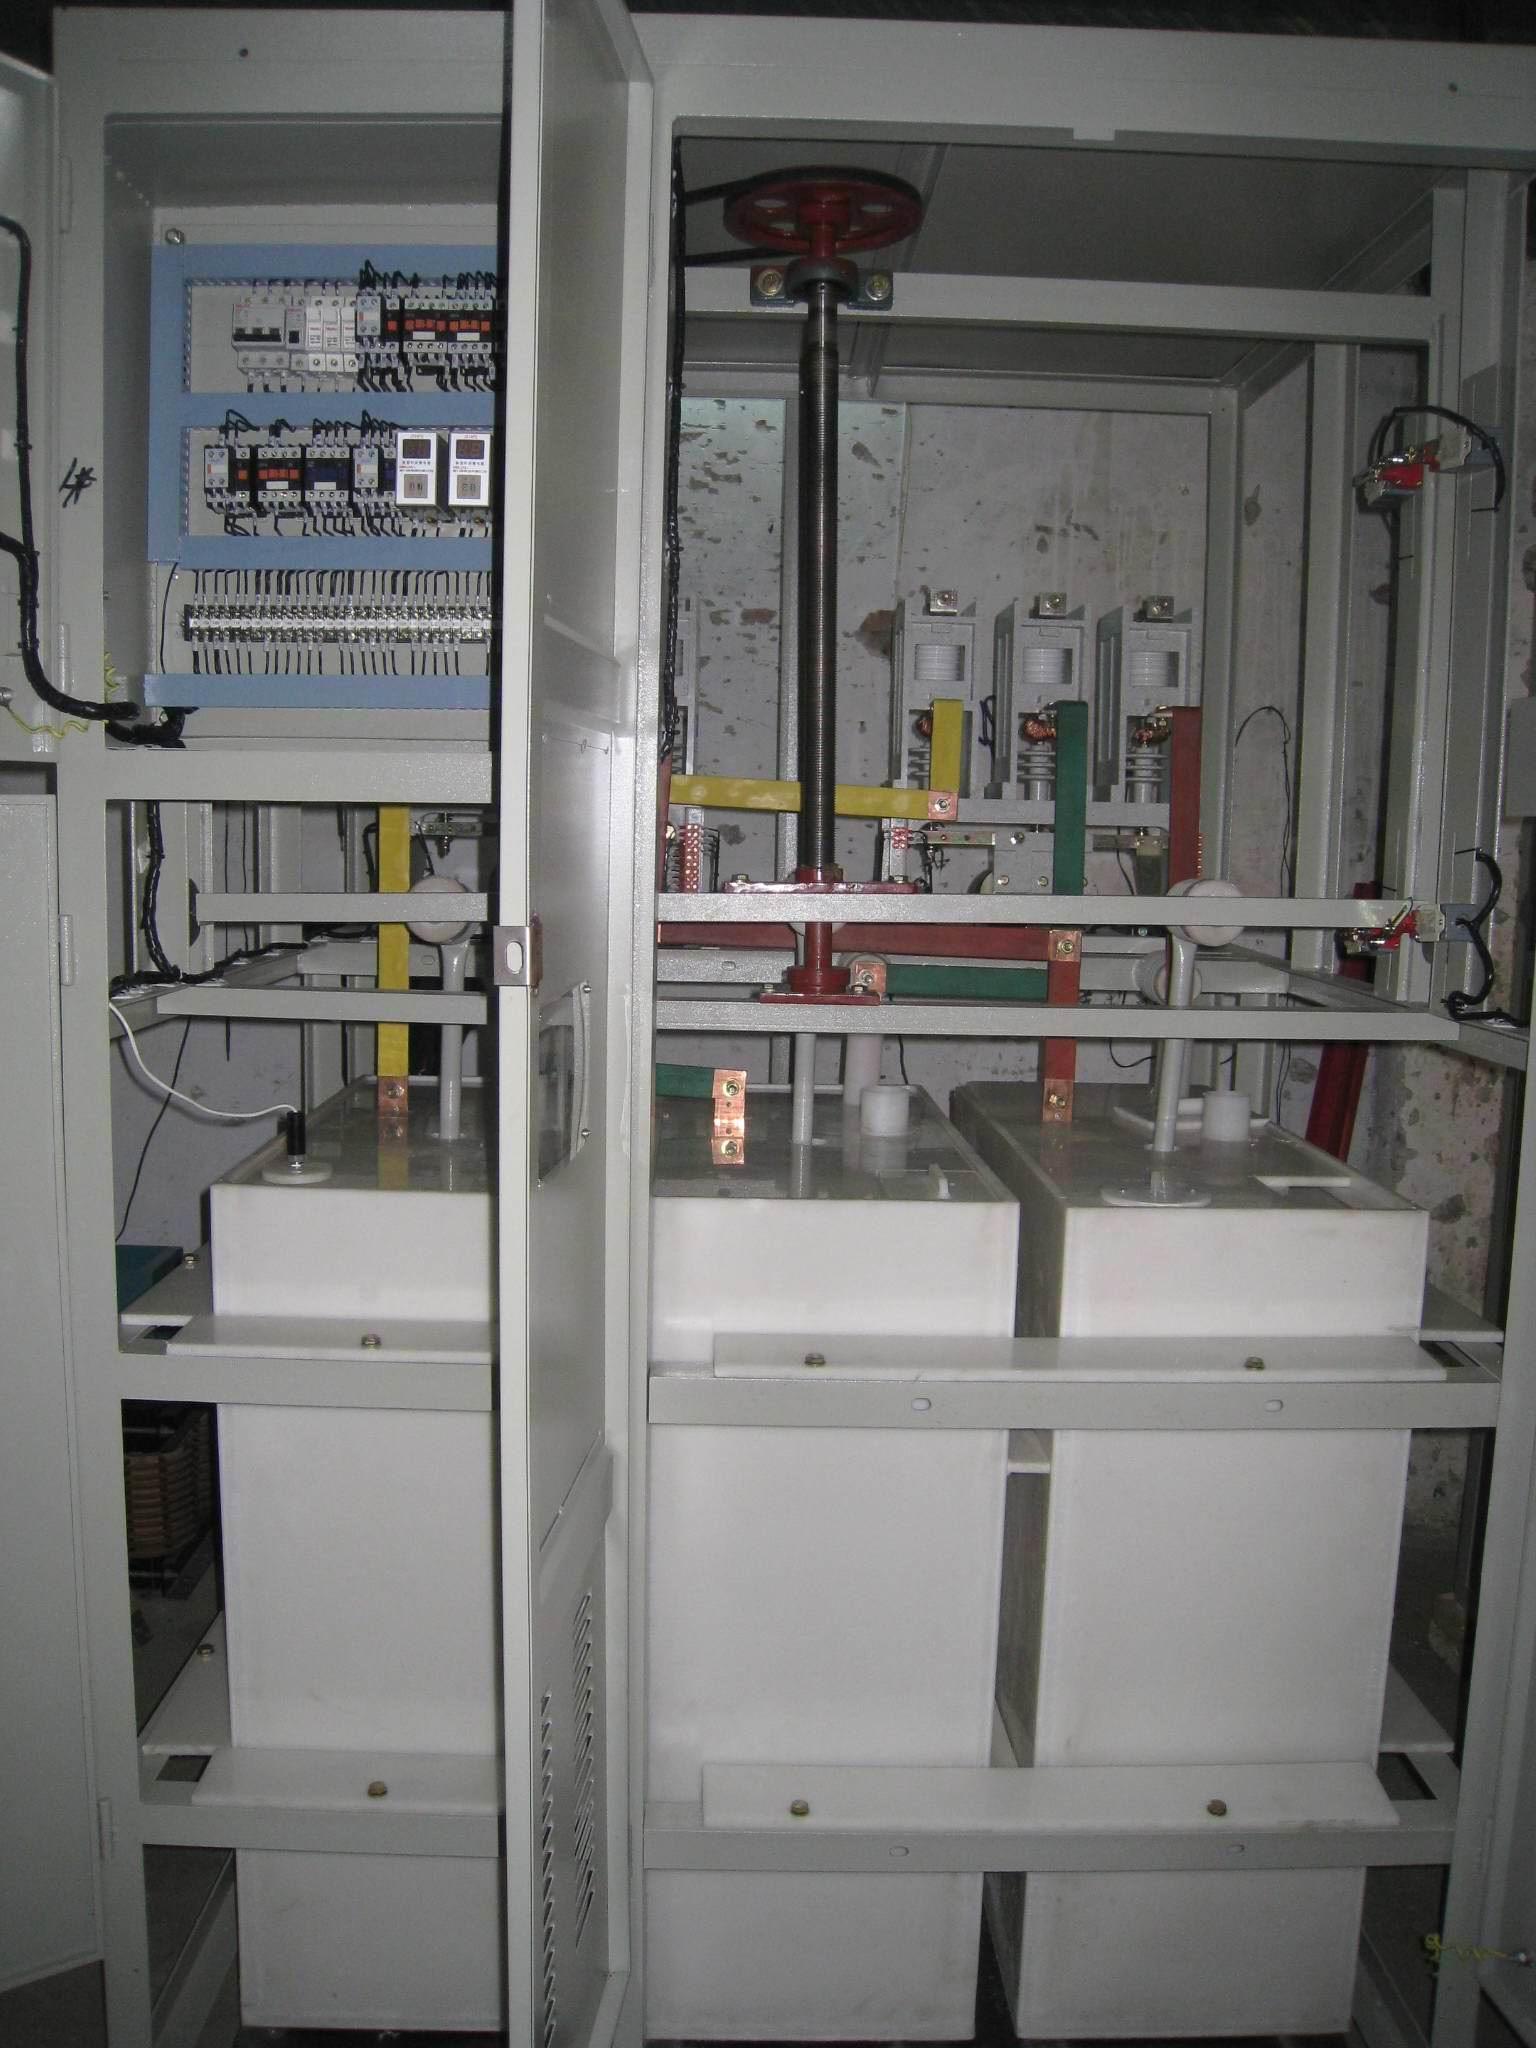 高压电动机软启动价格青岛10kv高压软起动柜空压机软启动价格